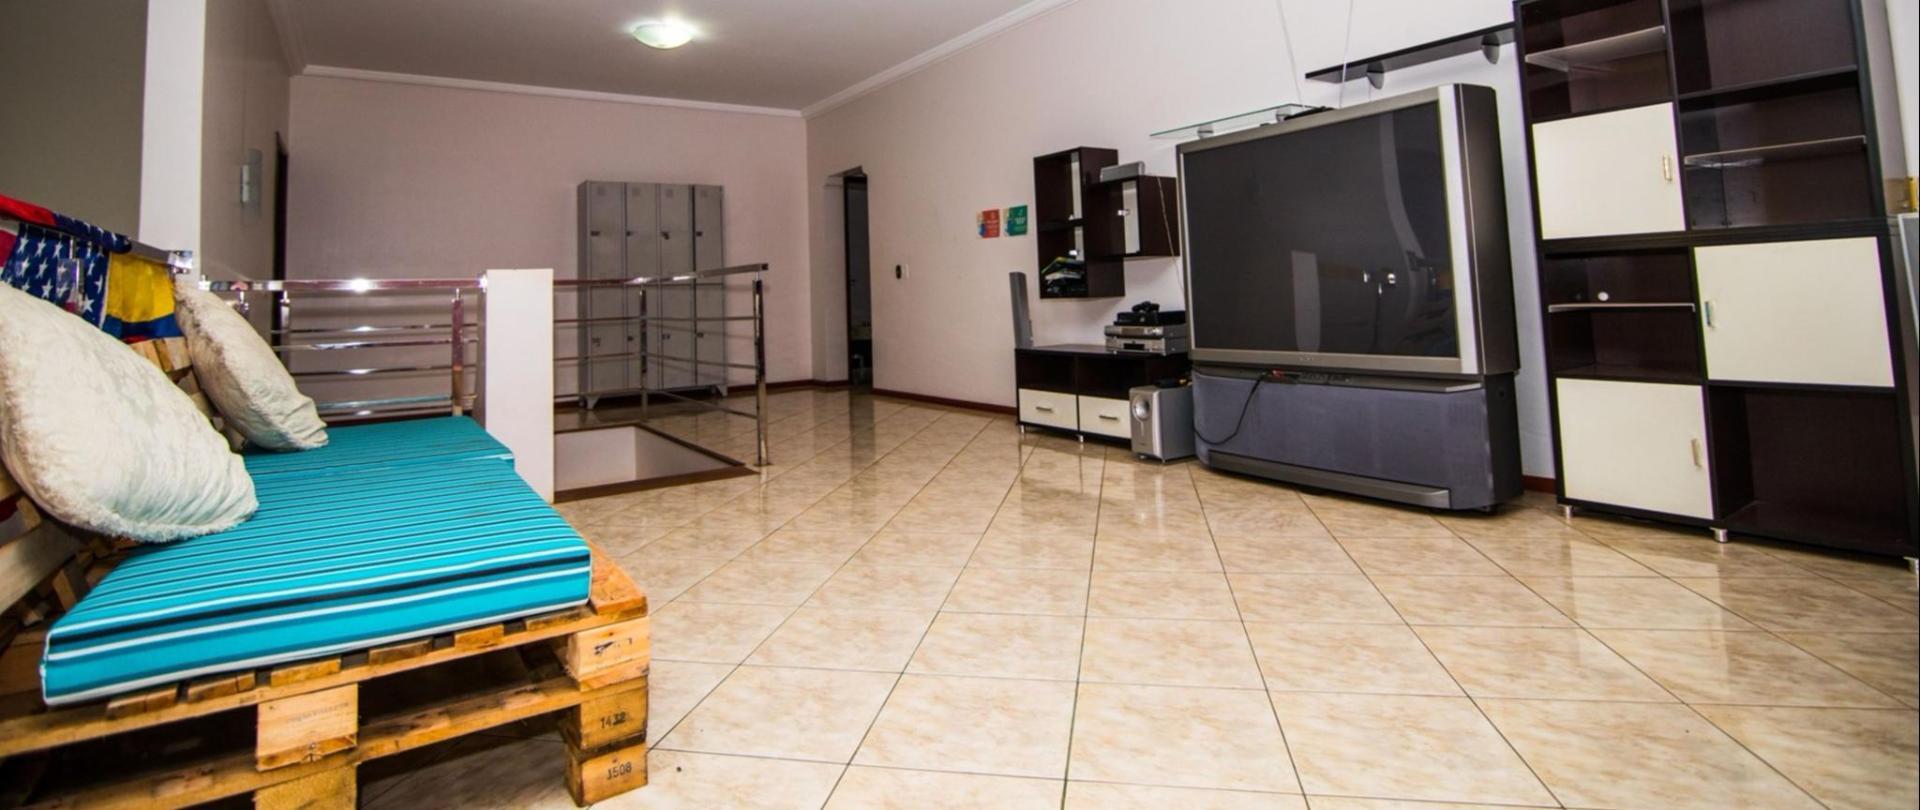 hostel3.jpg